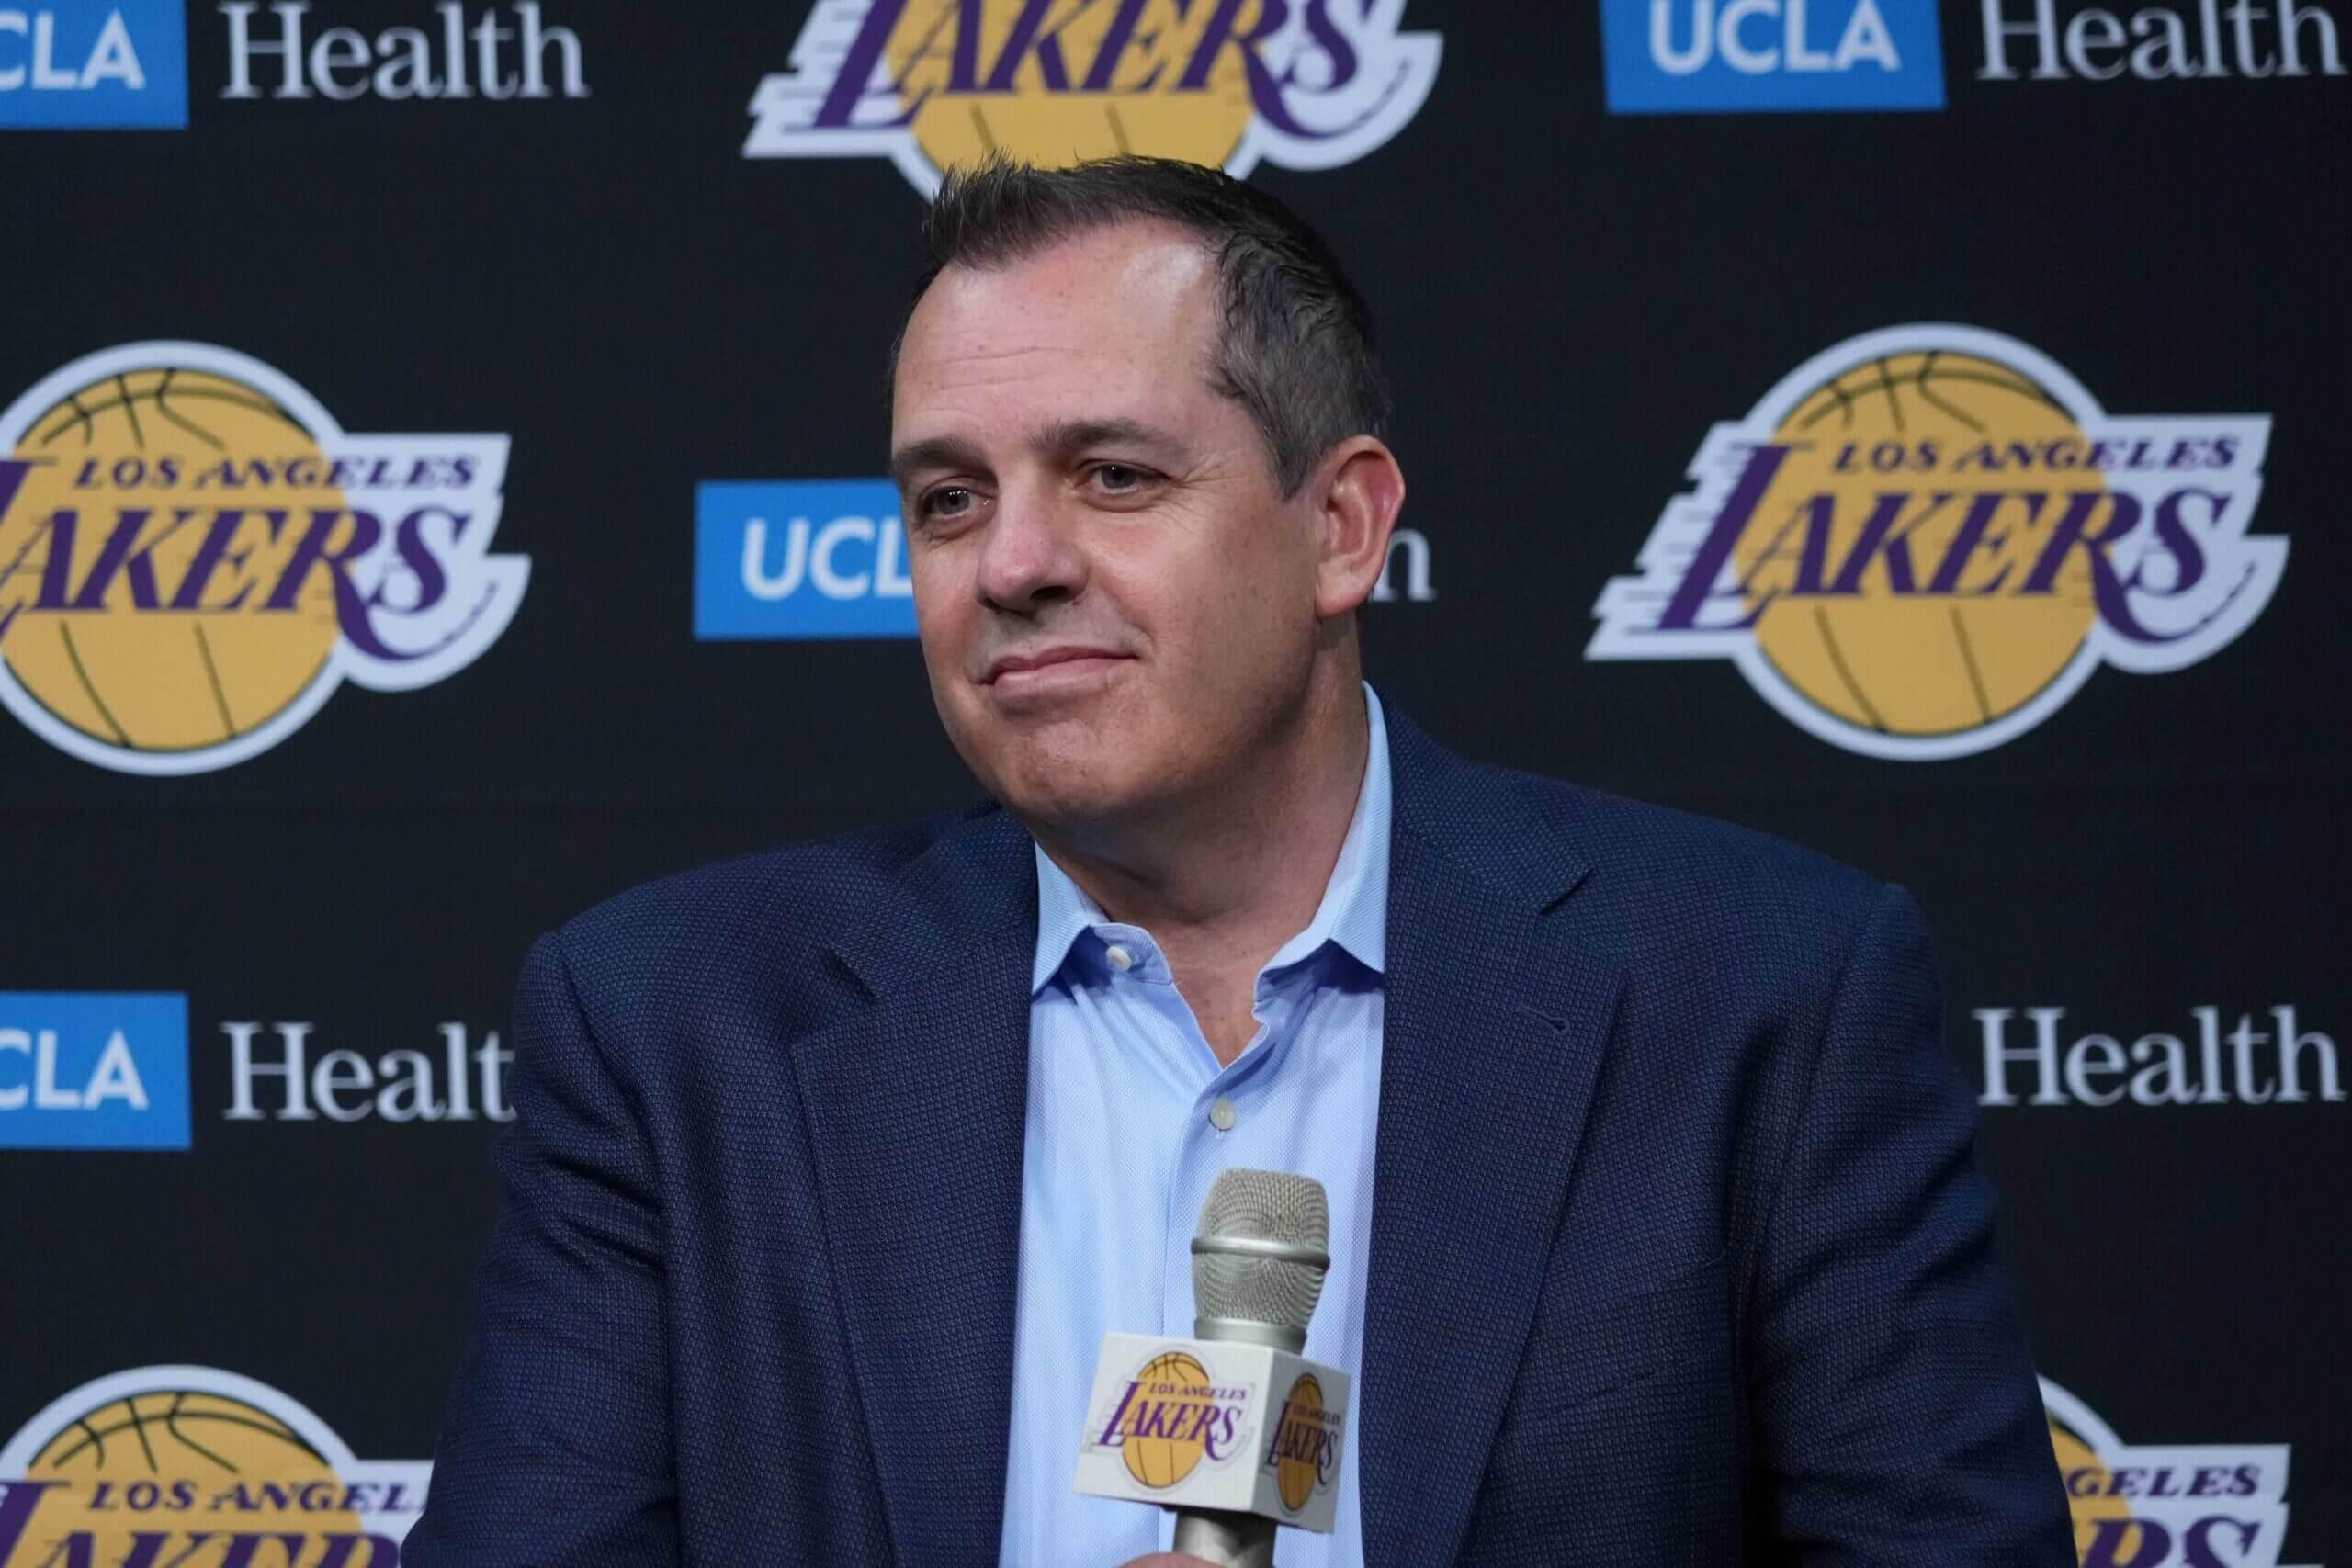 Lakers News: Frank Vogel Believes Road Trip Will Help Build Chemistry